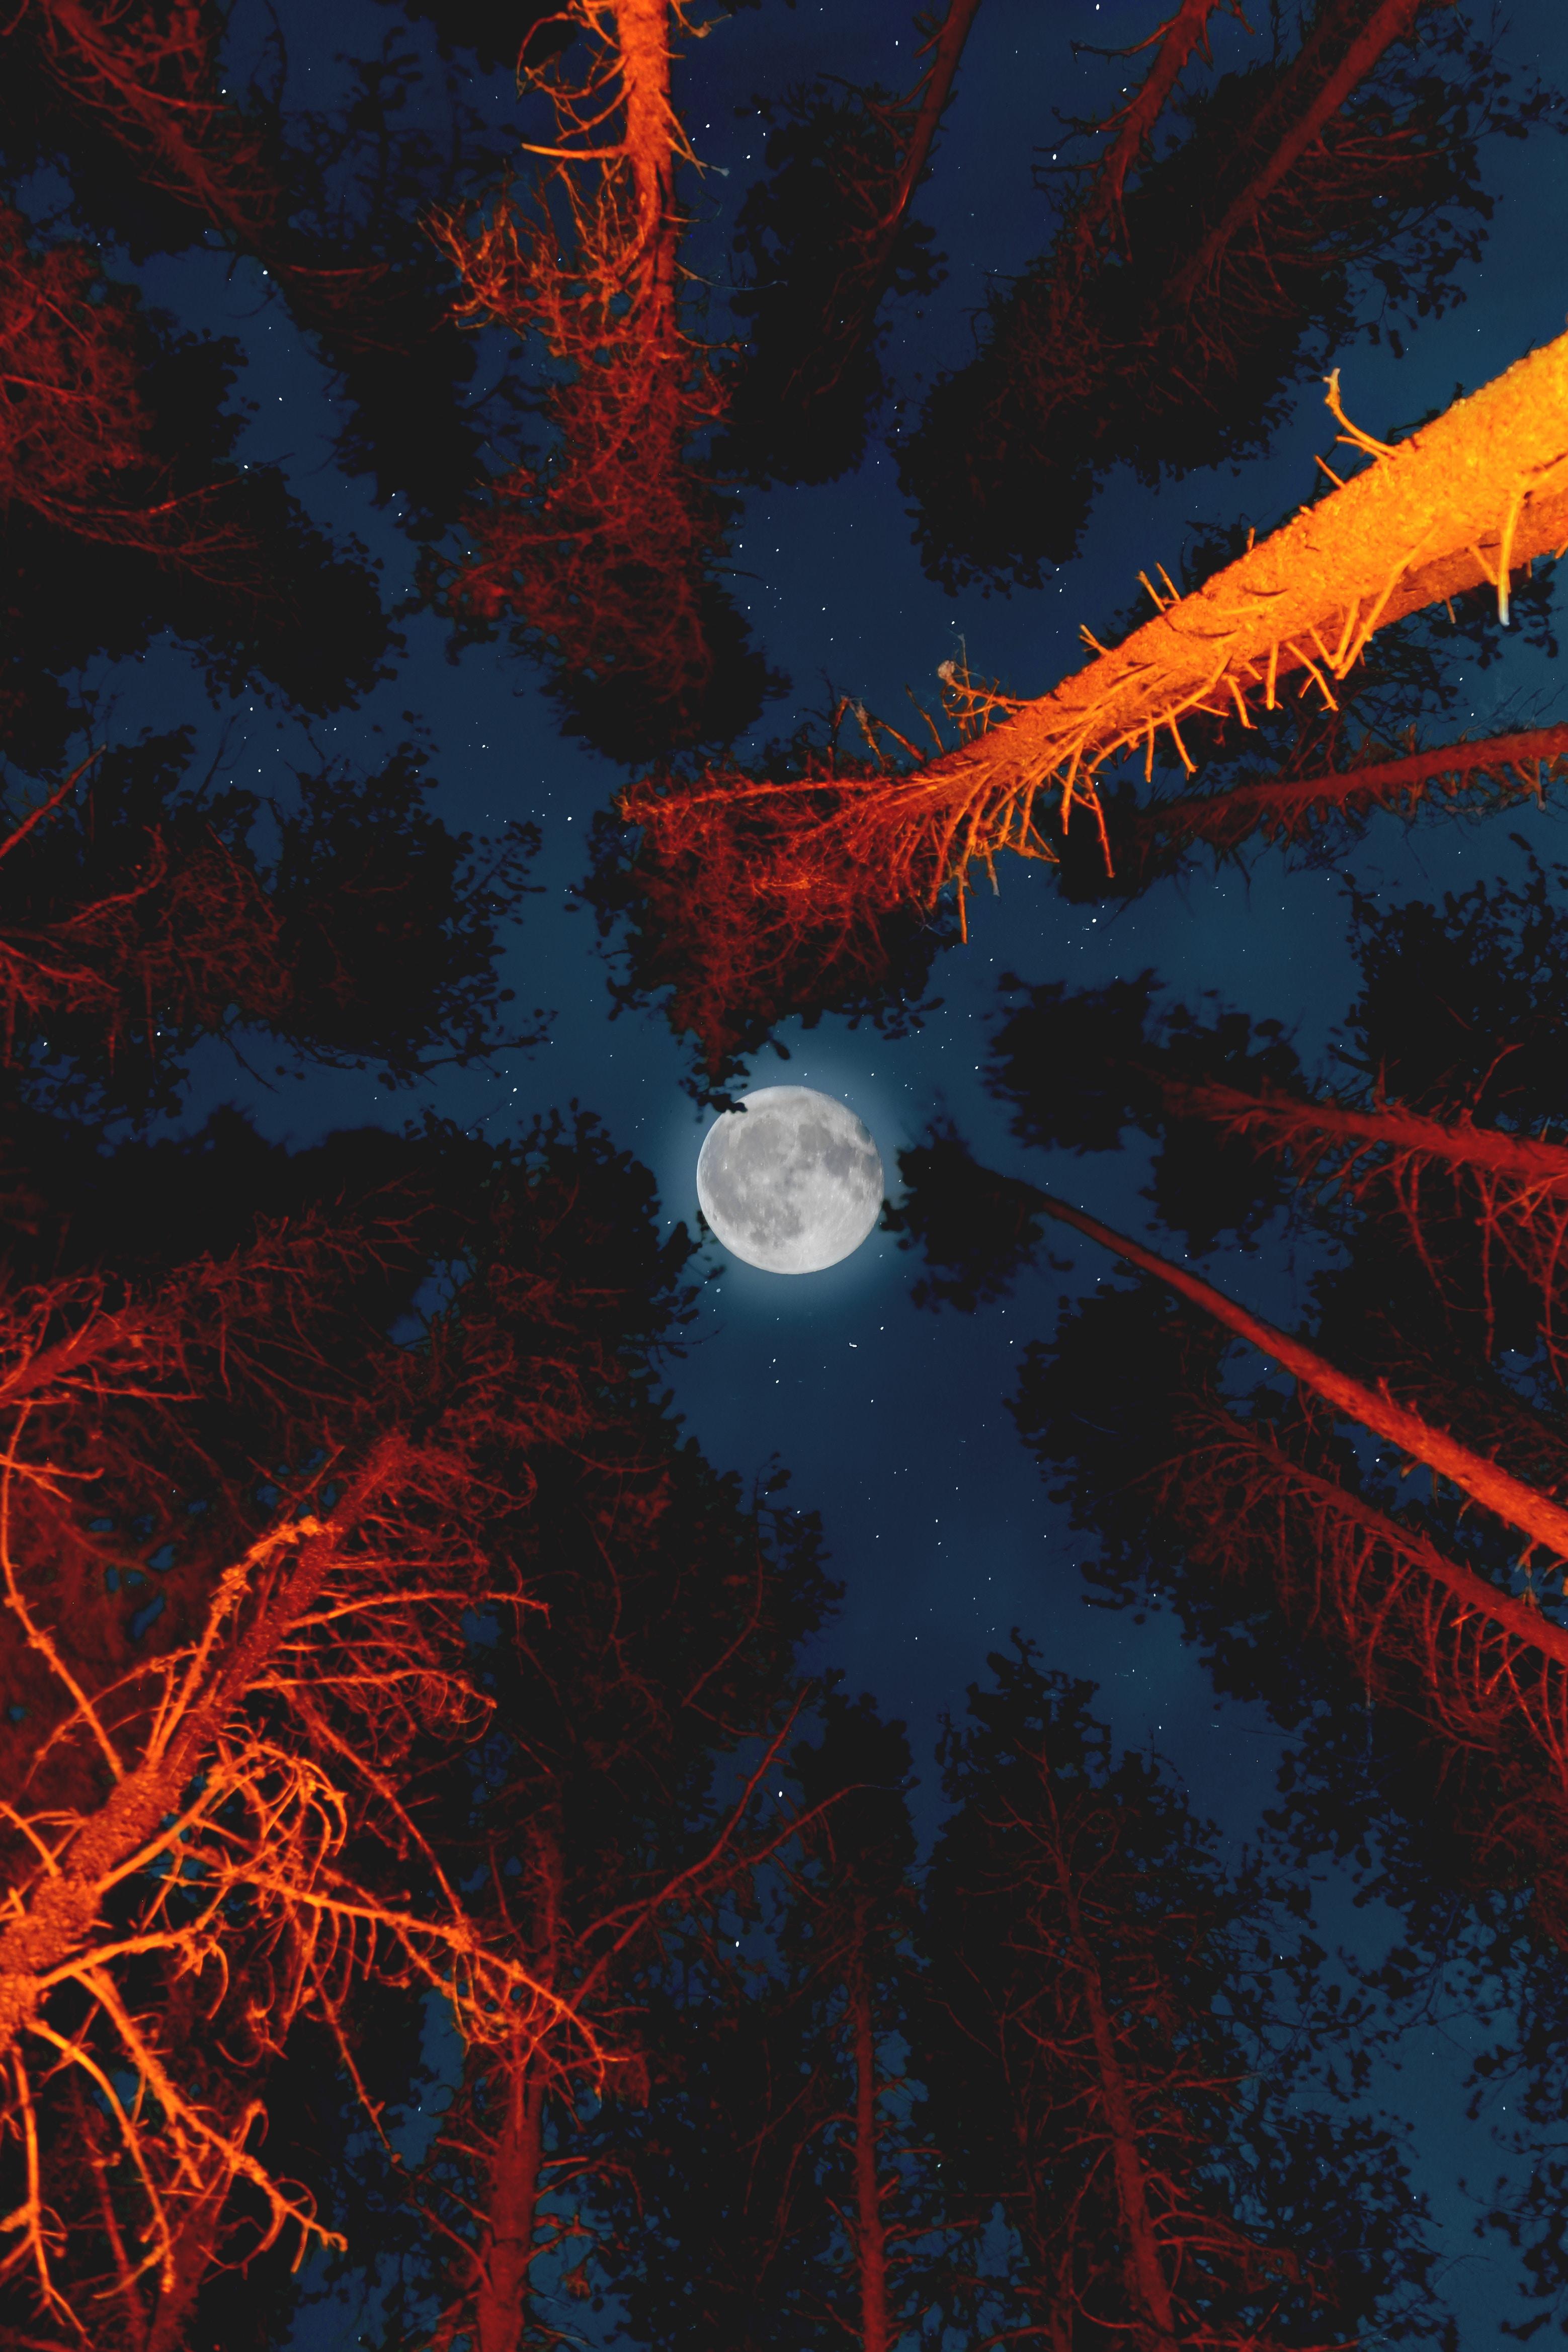 65649 Hintergrundbild 480x800 kostenlos auf deinem Handy, lade Bilder Natur, Bäume, Mond, Scheinen, Licht, Vollmond, Untersicht, Untere Ansicht 480x800 auf dein Handy herunter